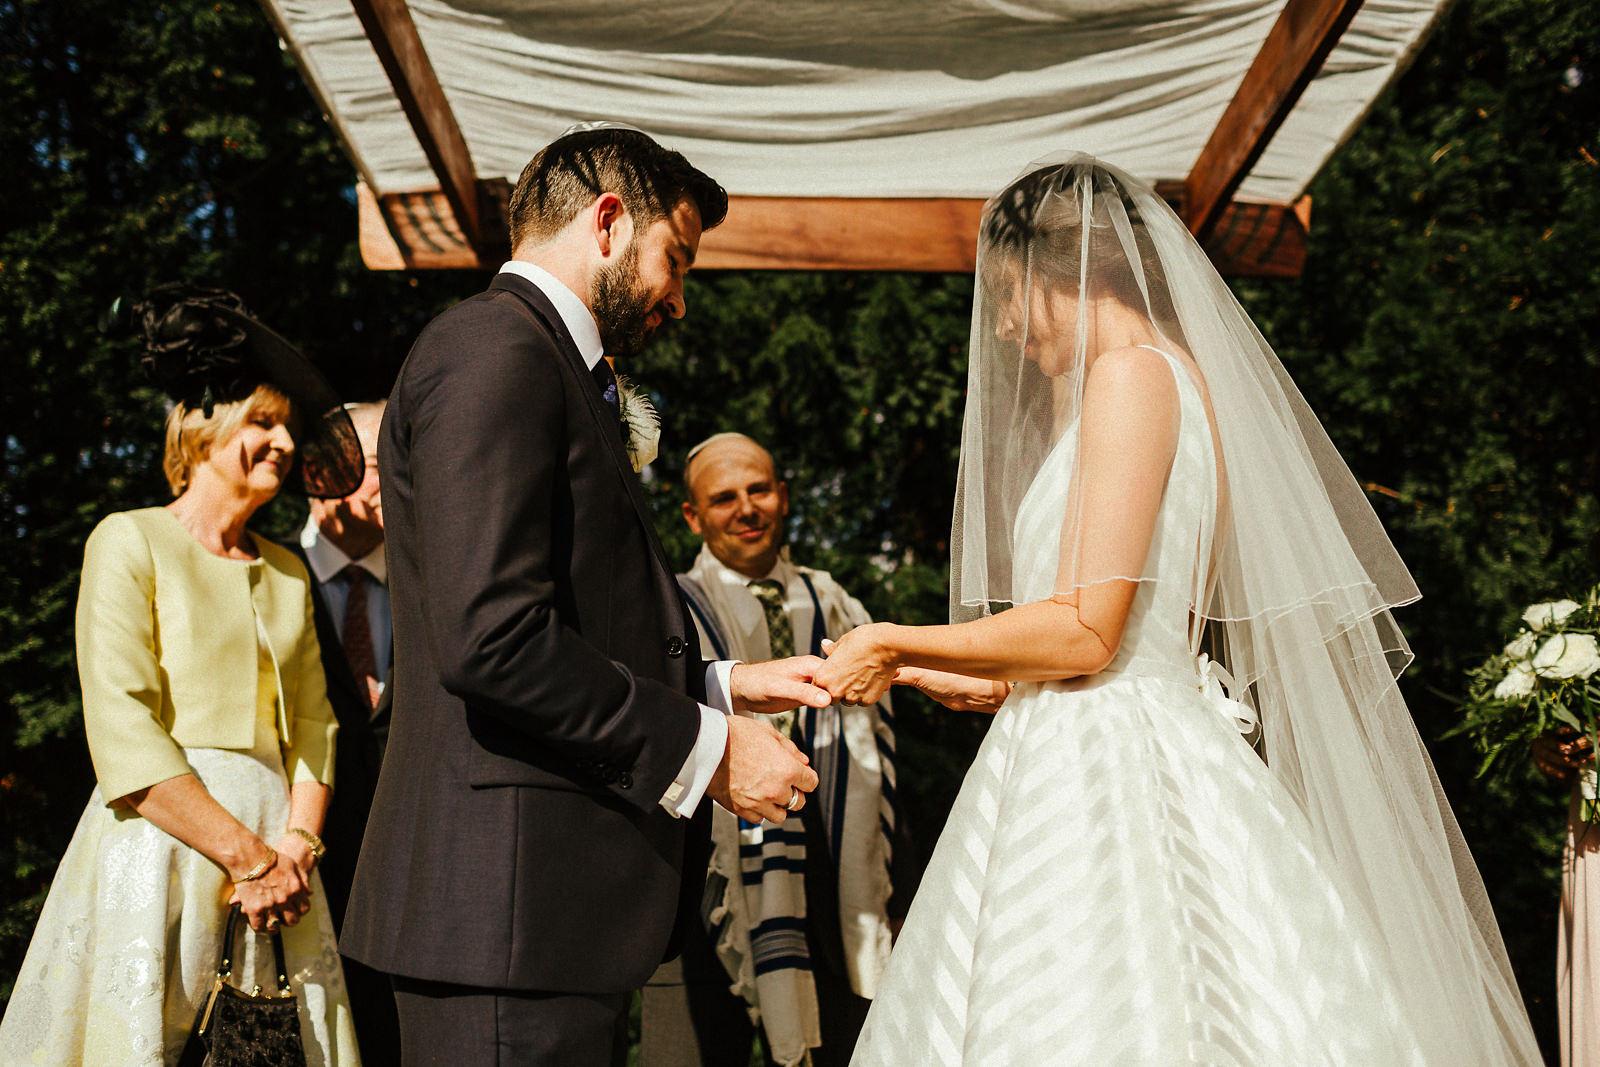 Exchange of rings at Jewish wedding